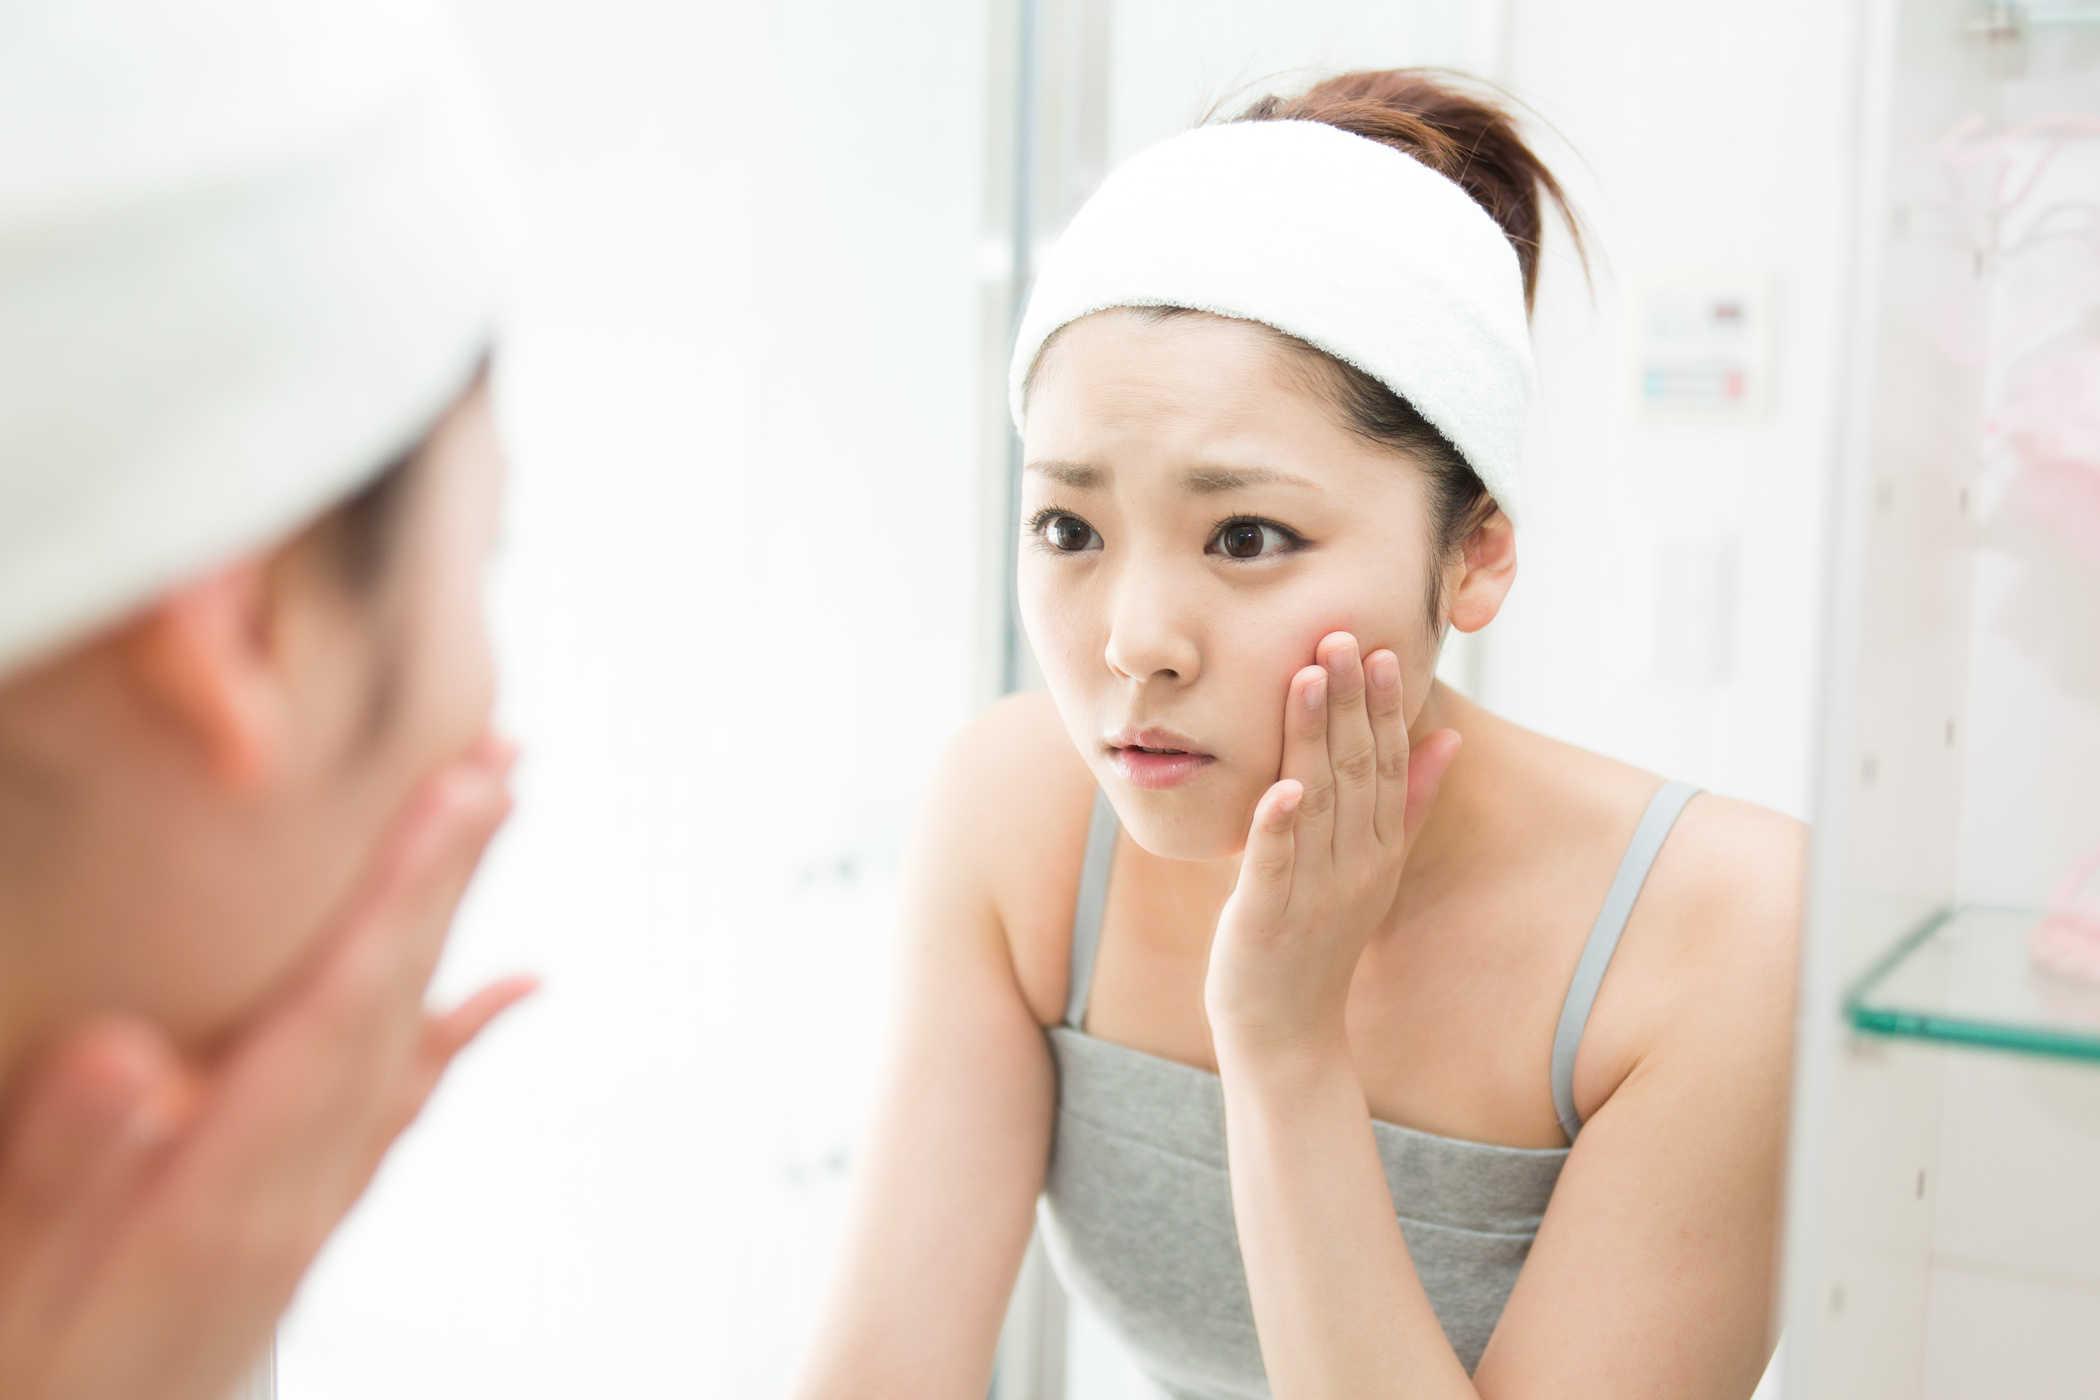 Cục u không đau, tối màu trên mặt là dấu hiệu bệnh gì?